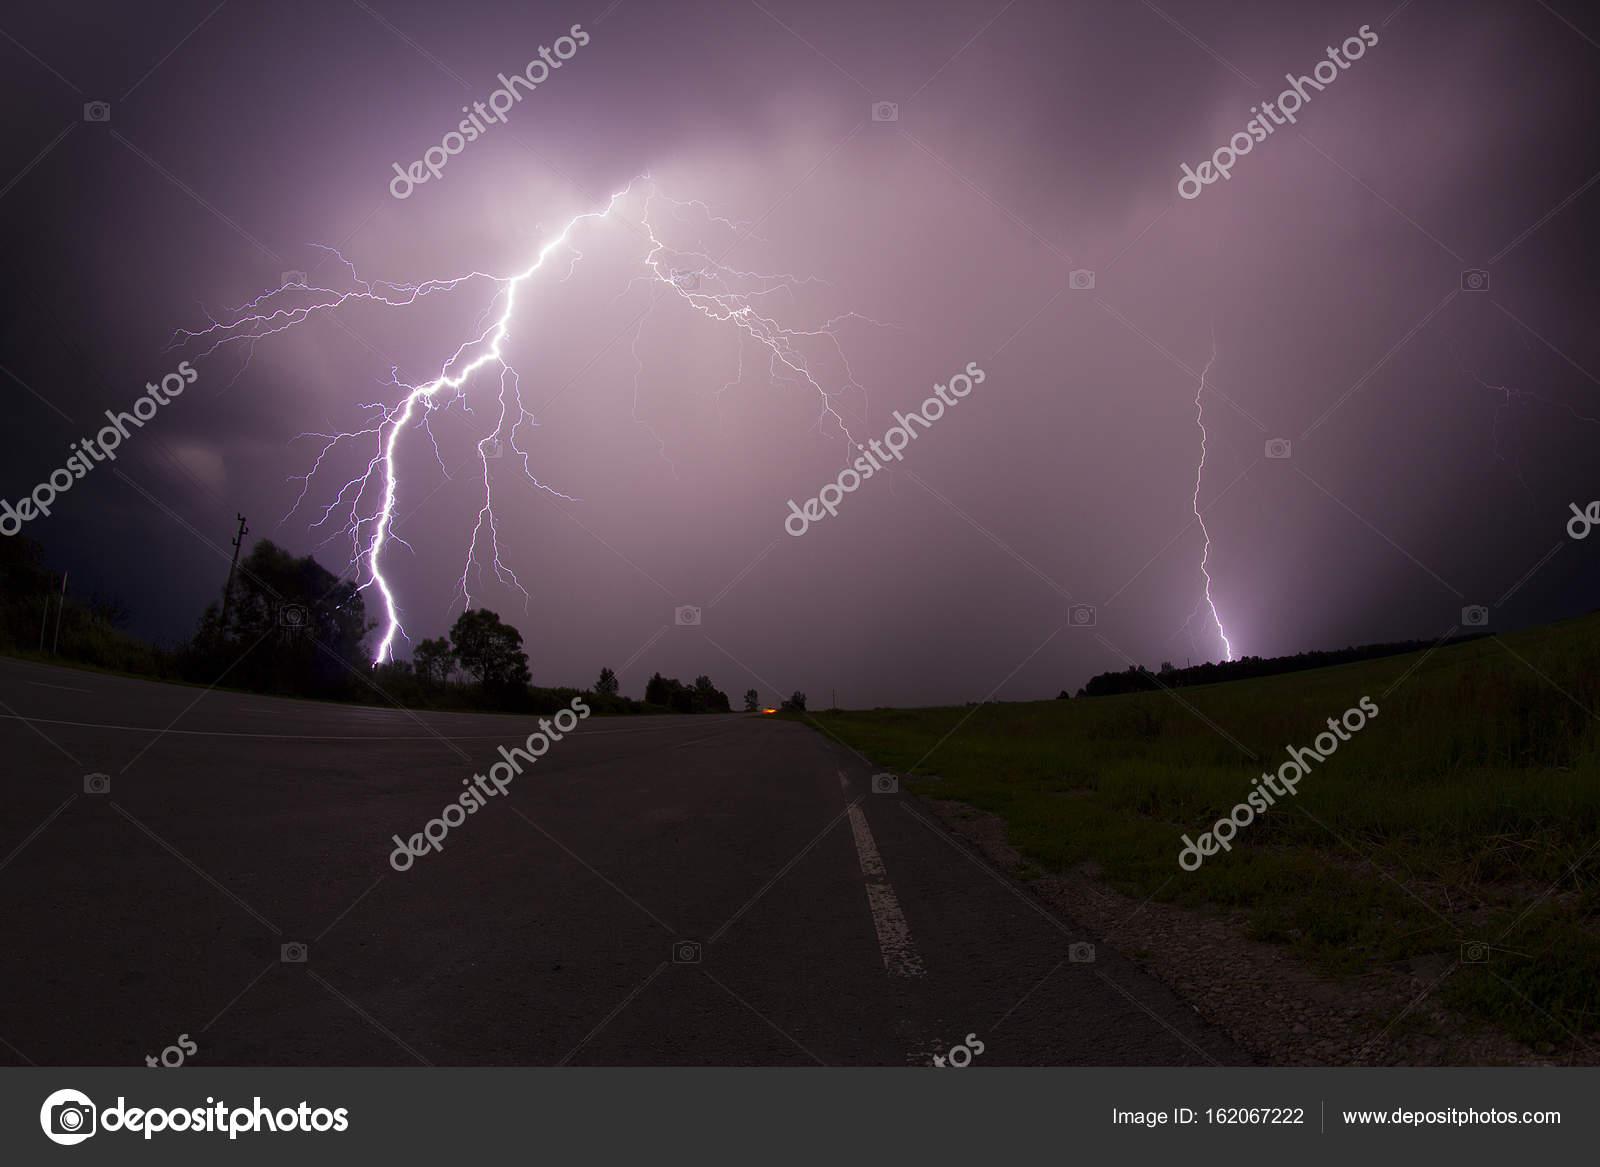 雷鳴と稲妻の写真 — ストック写...